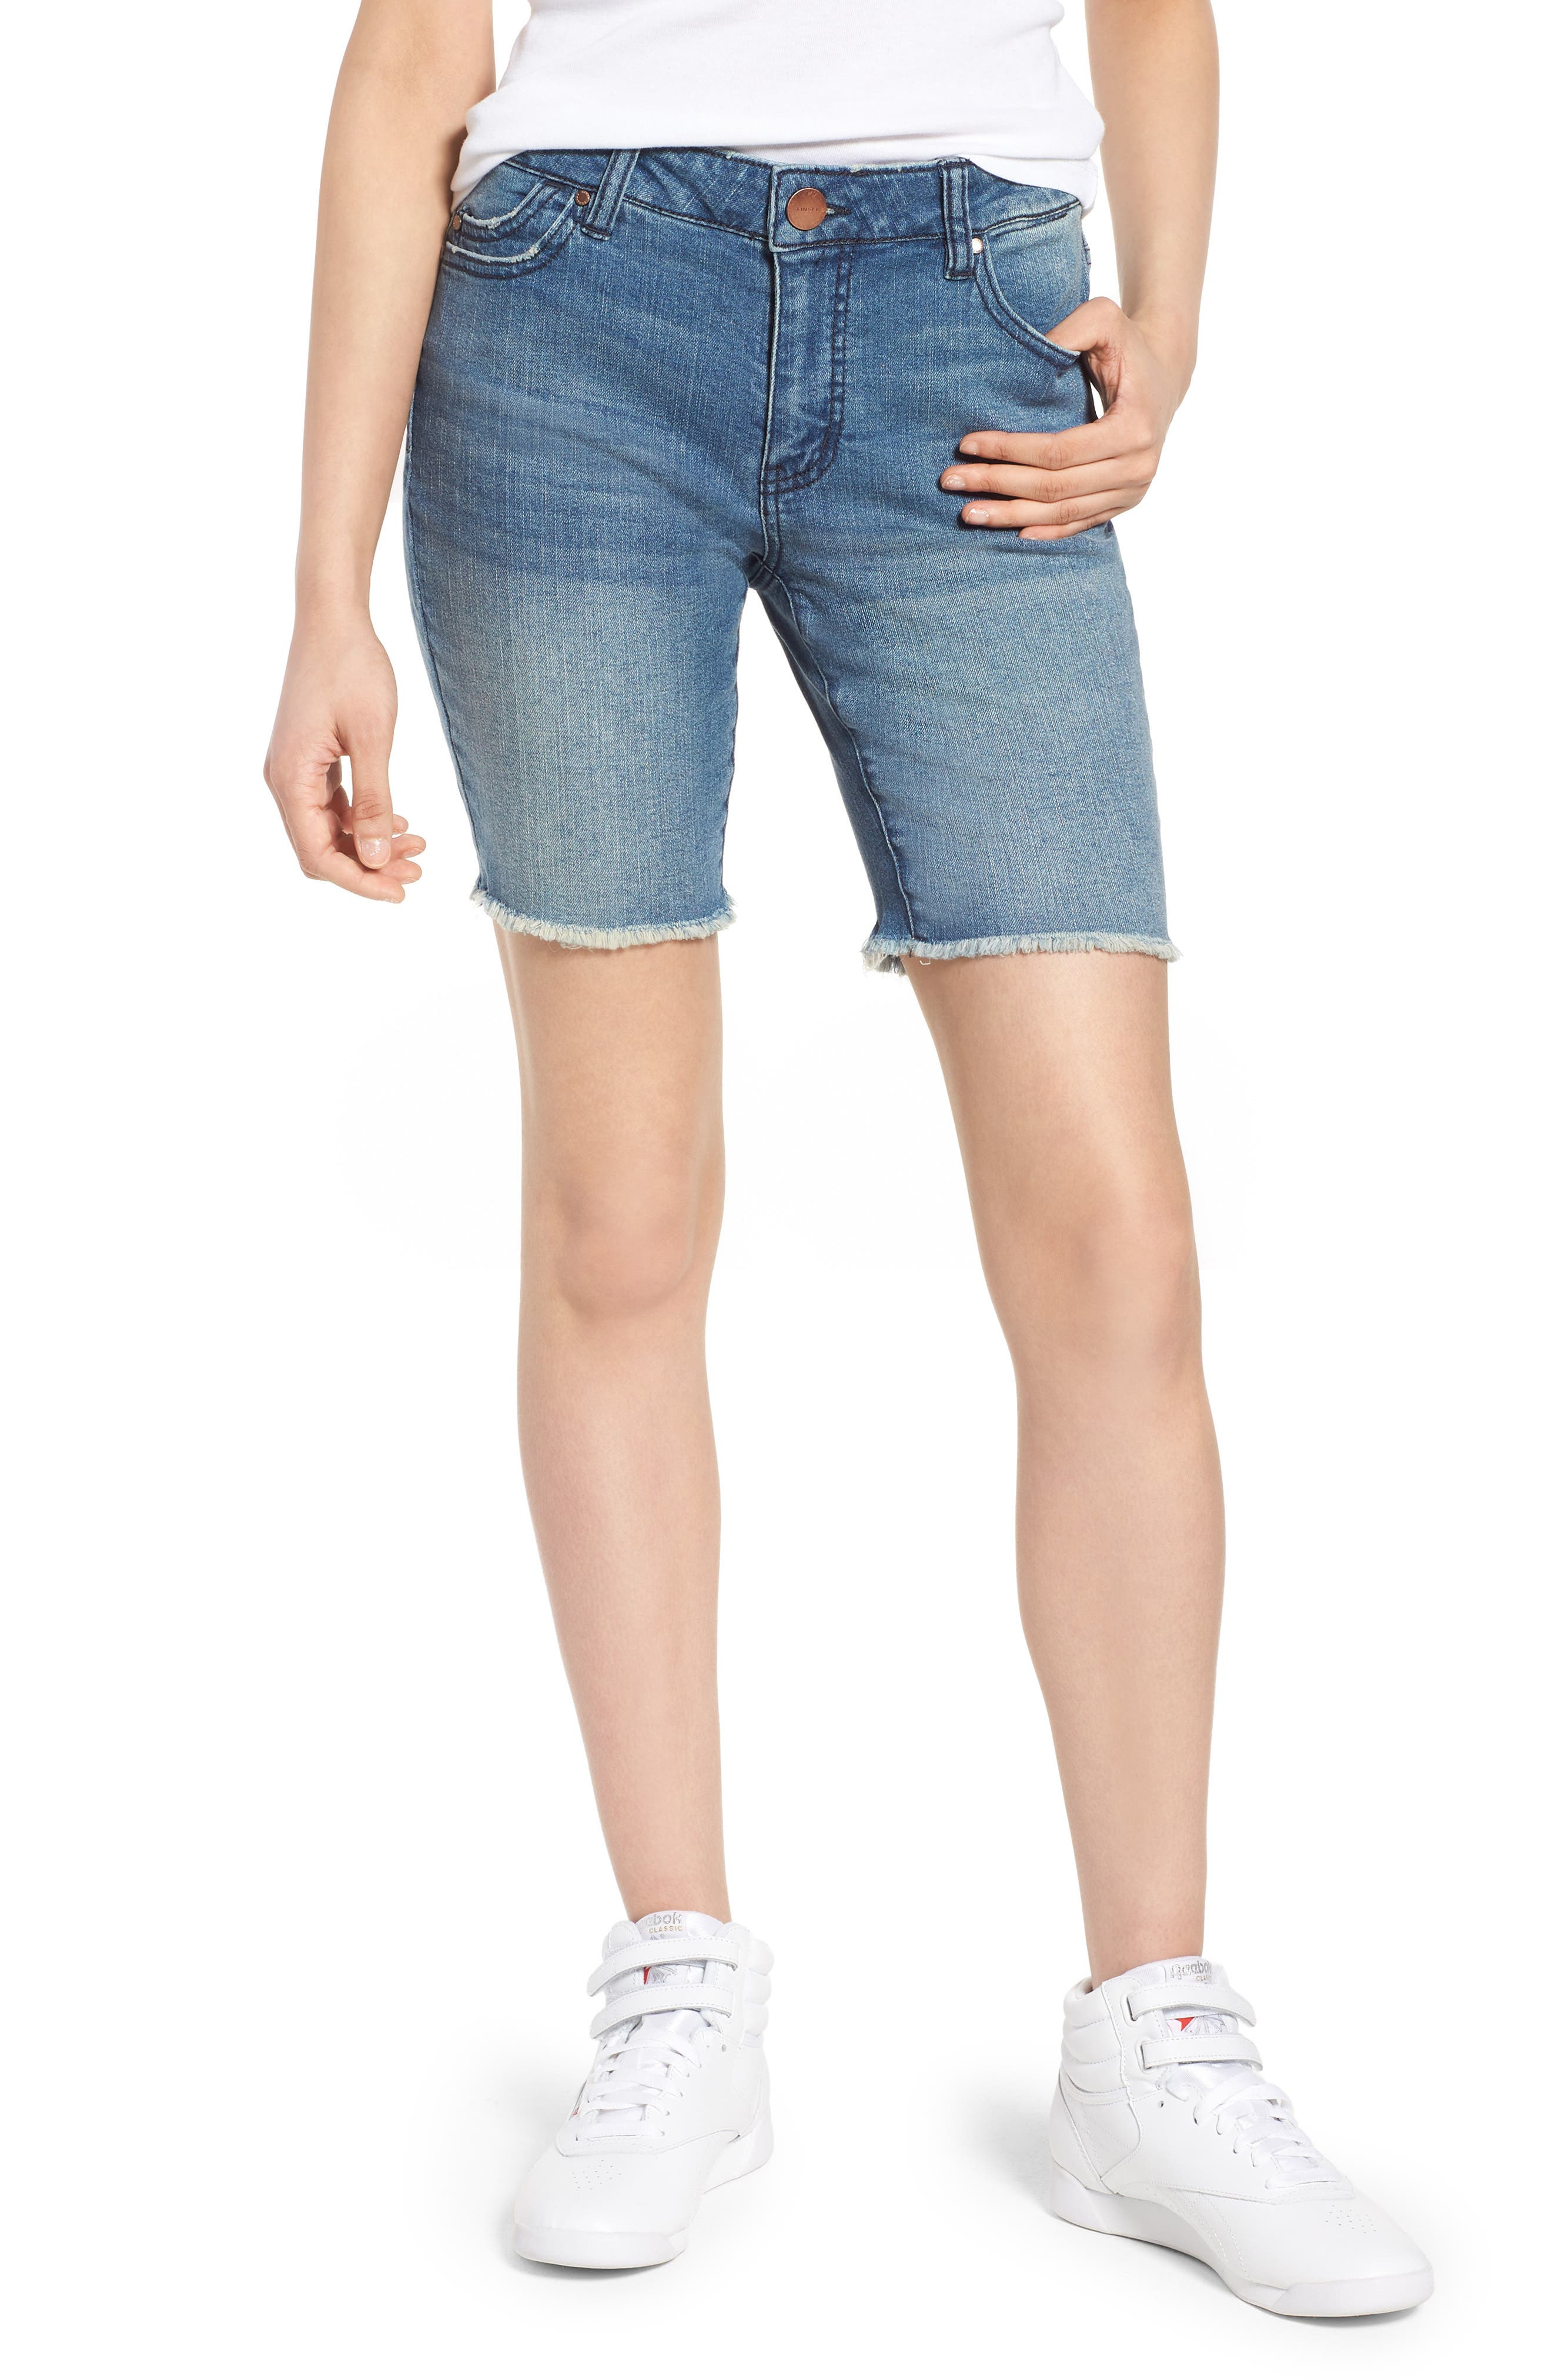 TINSEL,                             Fray Hem Denim Bermuda Shorts,                             Main thumbnail 1, color,                             400